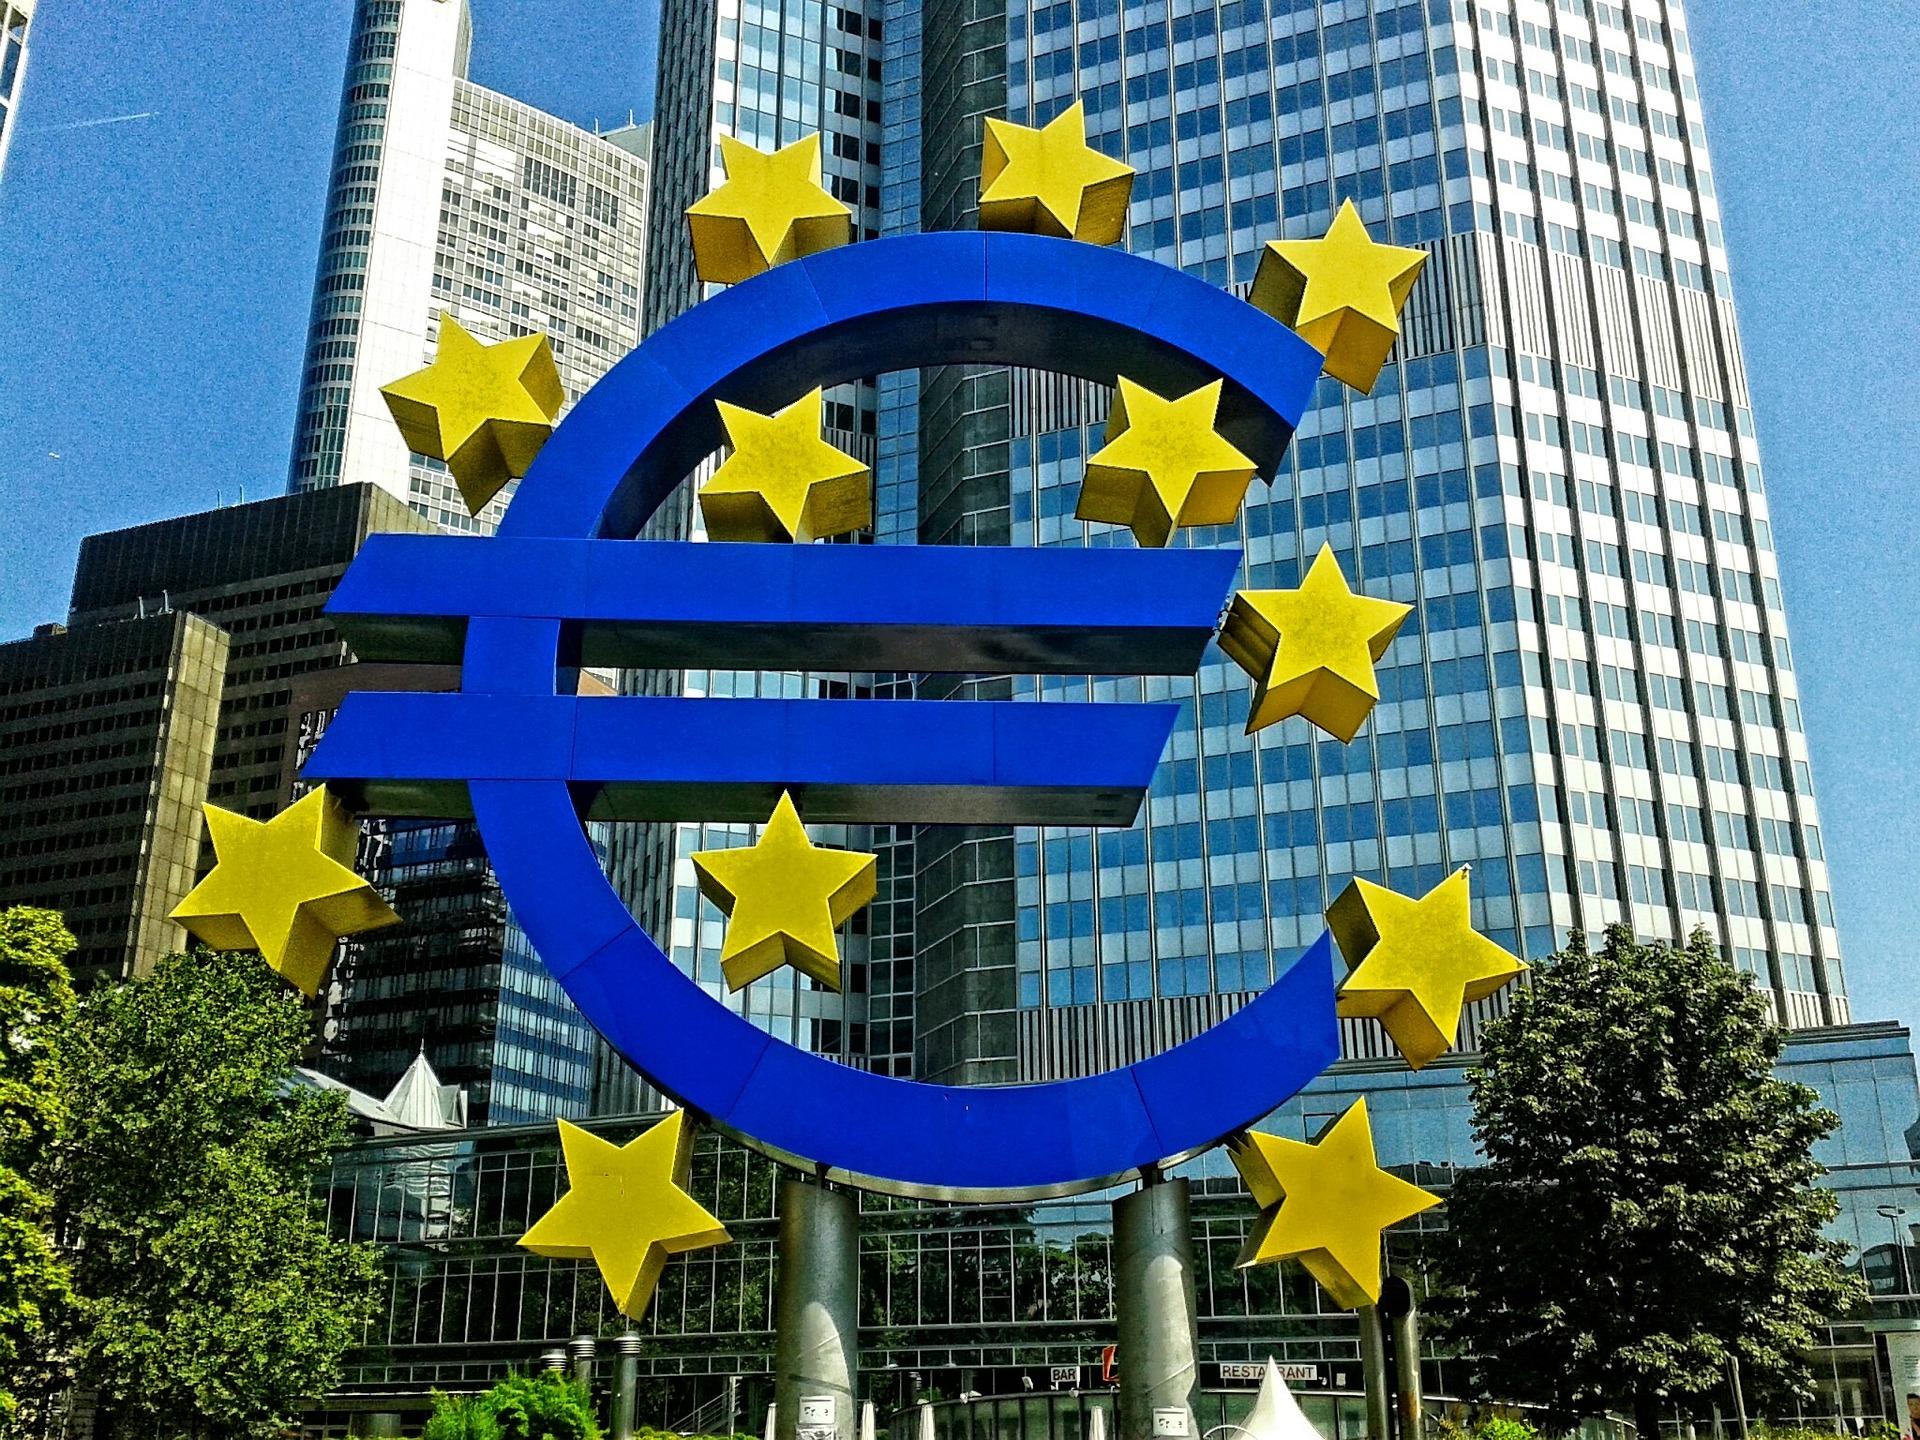 ЕЦБ иска да стимулира консолидацията в банковия сектор